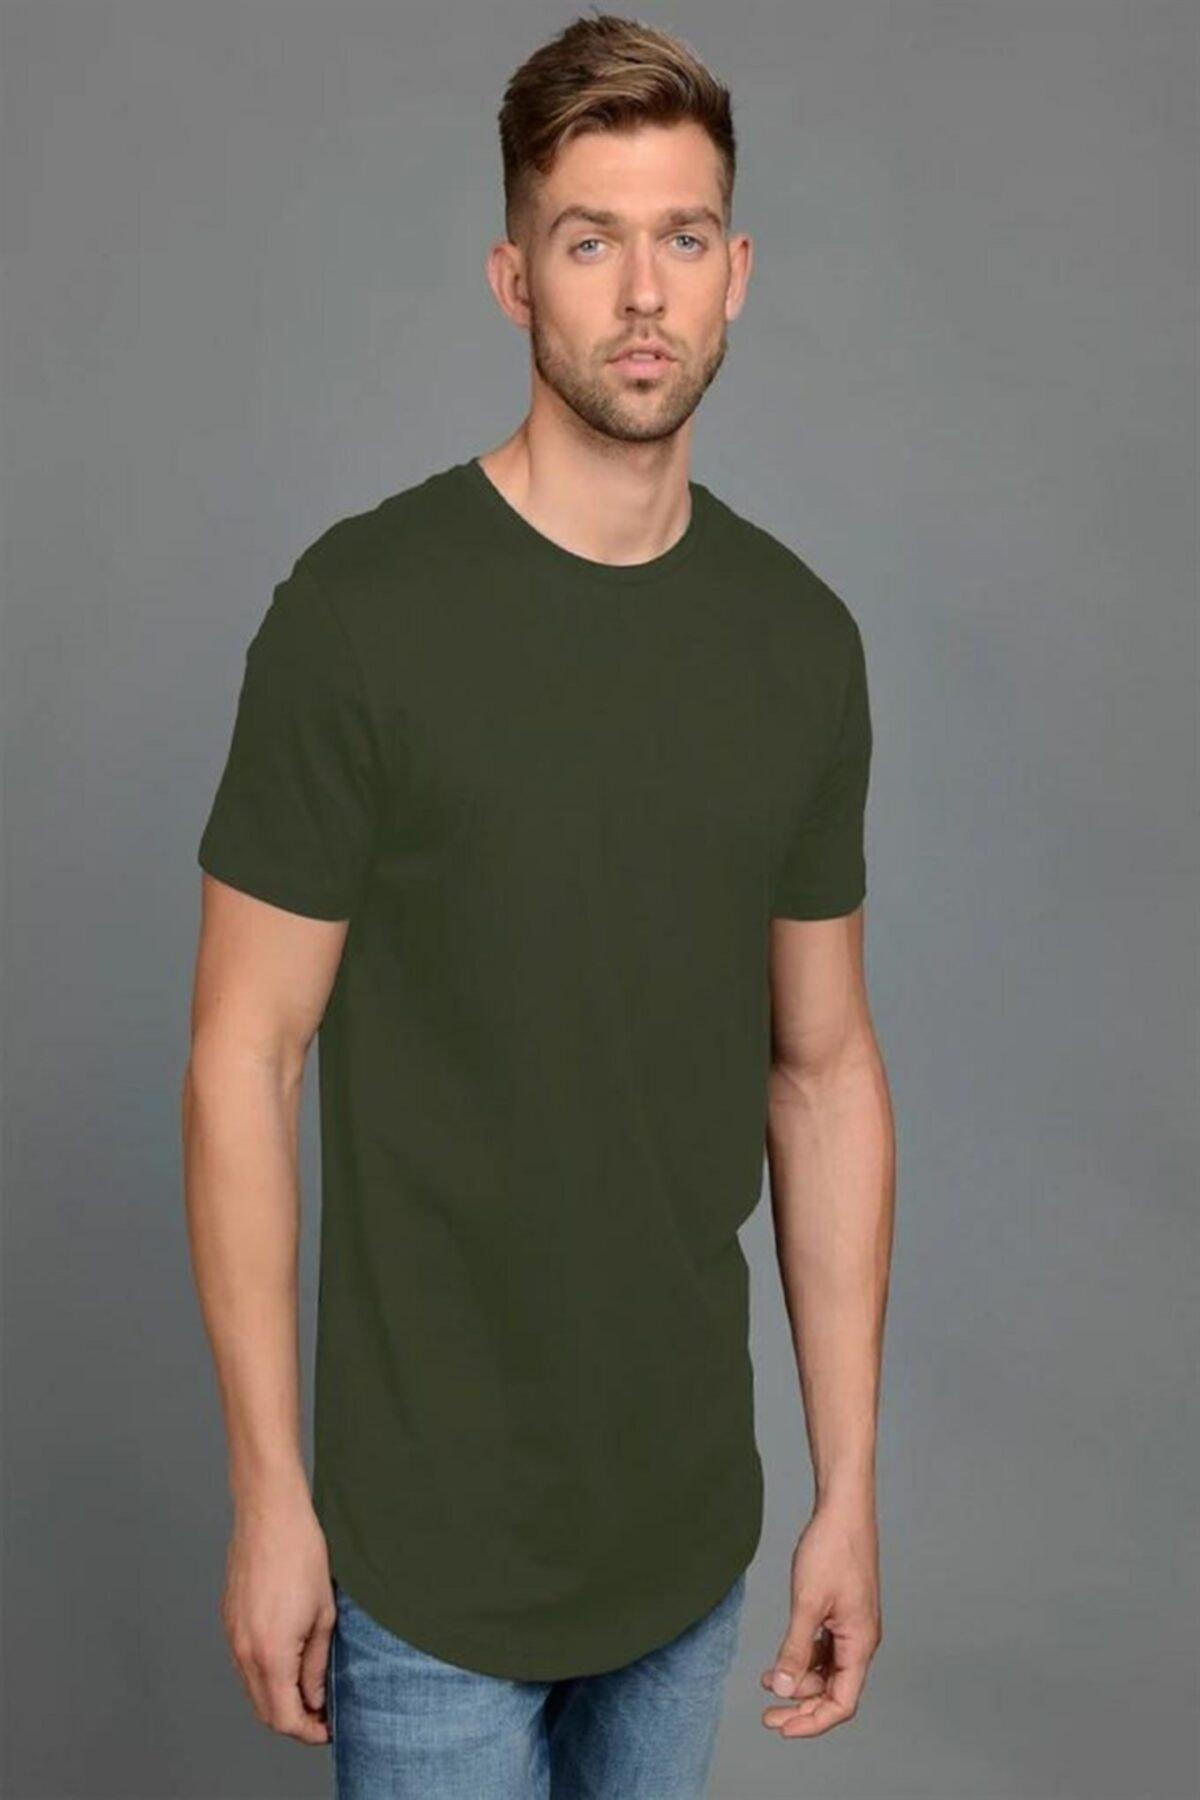 Jack & Jones s Erkek Düz Haki Yeşil Renk Tişört 12113648 1